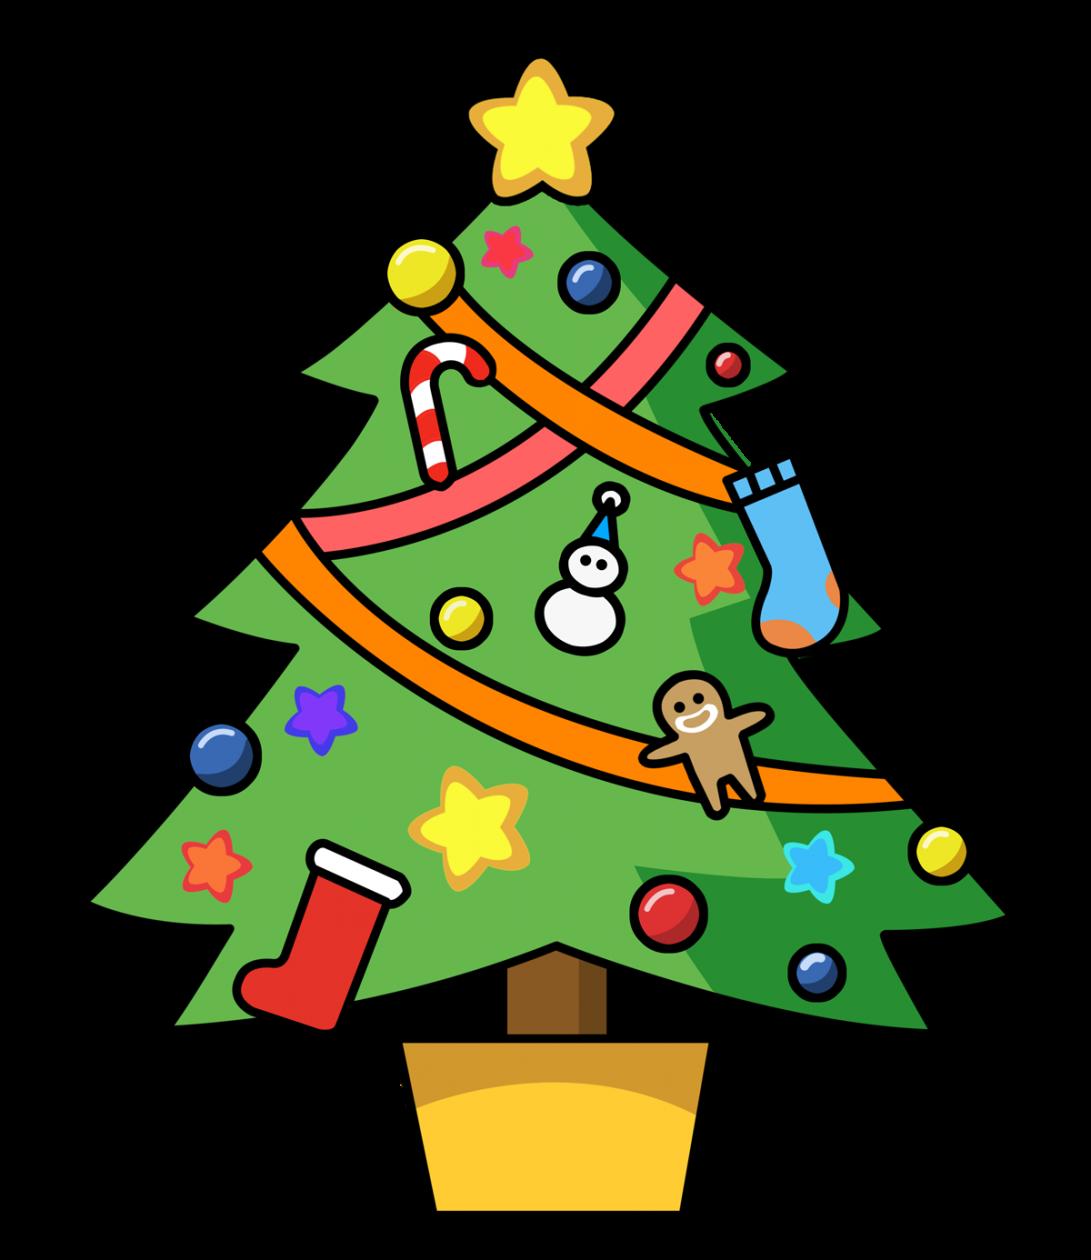 Christmas Tree Christmas Trees Christmas Lights Tree In 2020 Christmas Tree Images Xmas Tree Images Christmas Tree Clipart